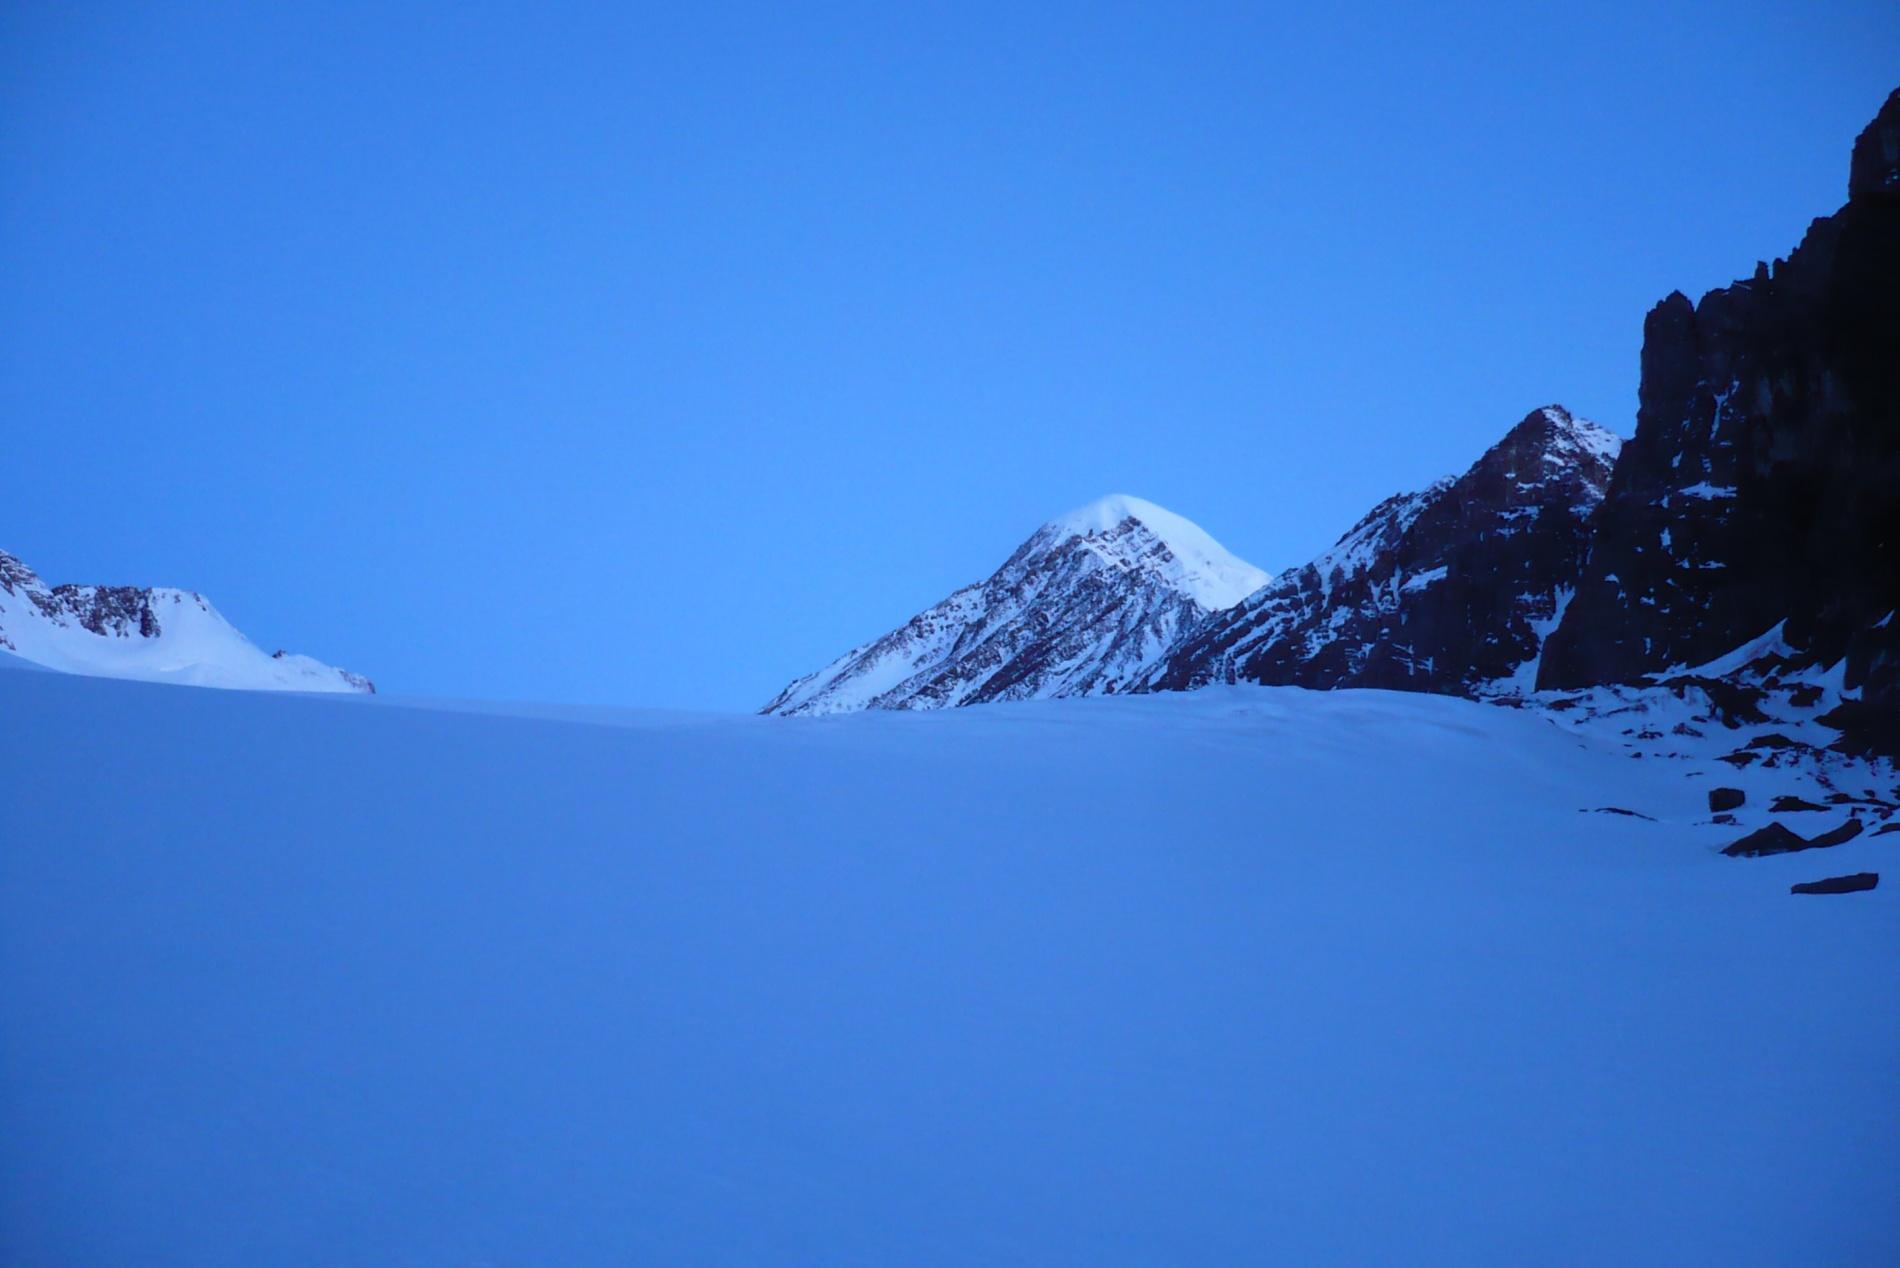 Рассвет. Вершина Актру. Вид с ледника Большой Актру-левый